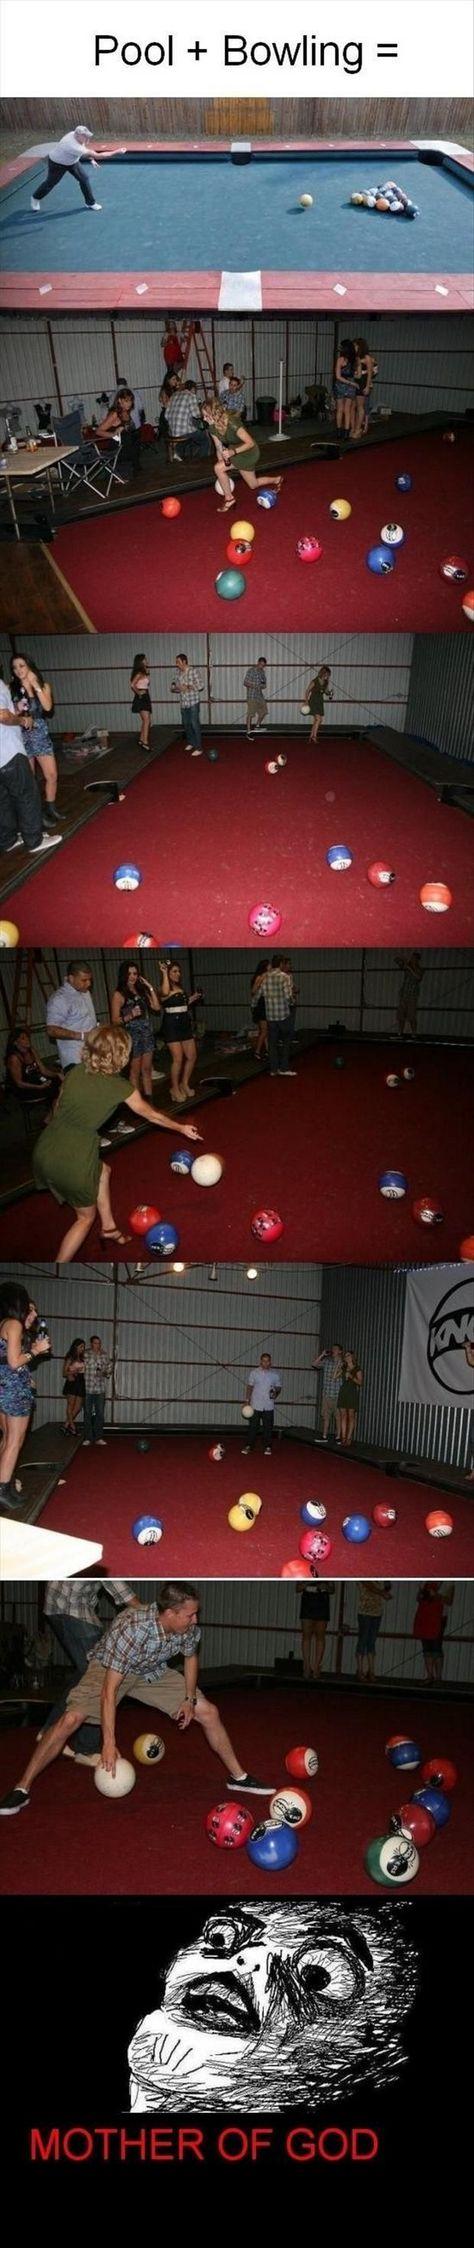 Cool Stuff I Want (08 Pics) Pool + Bowling